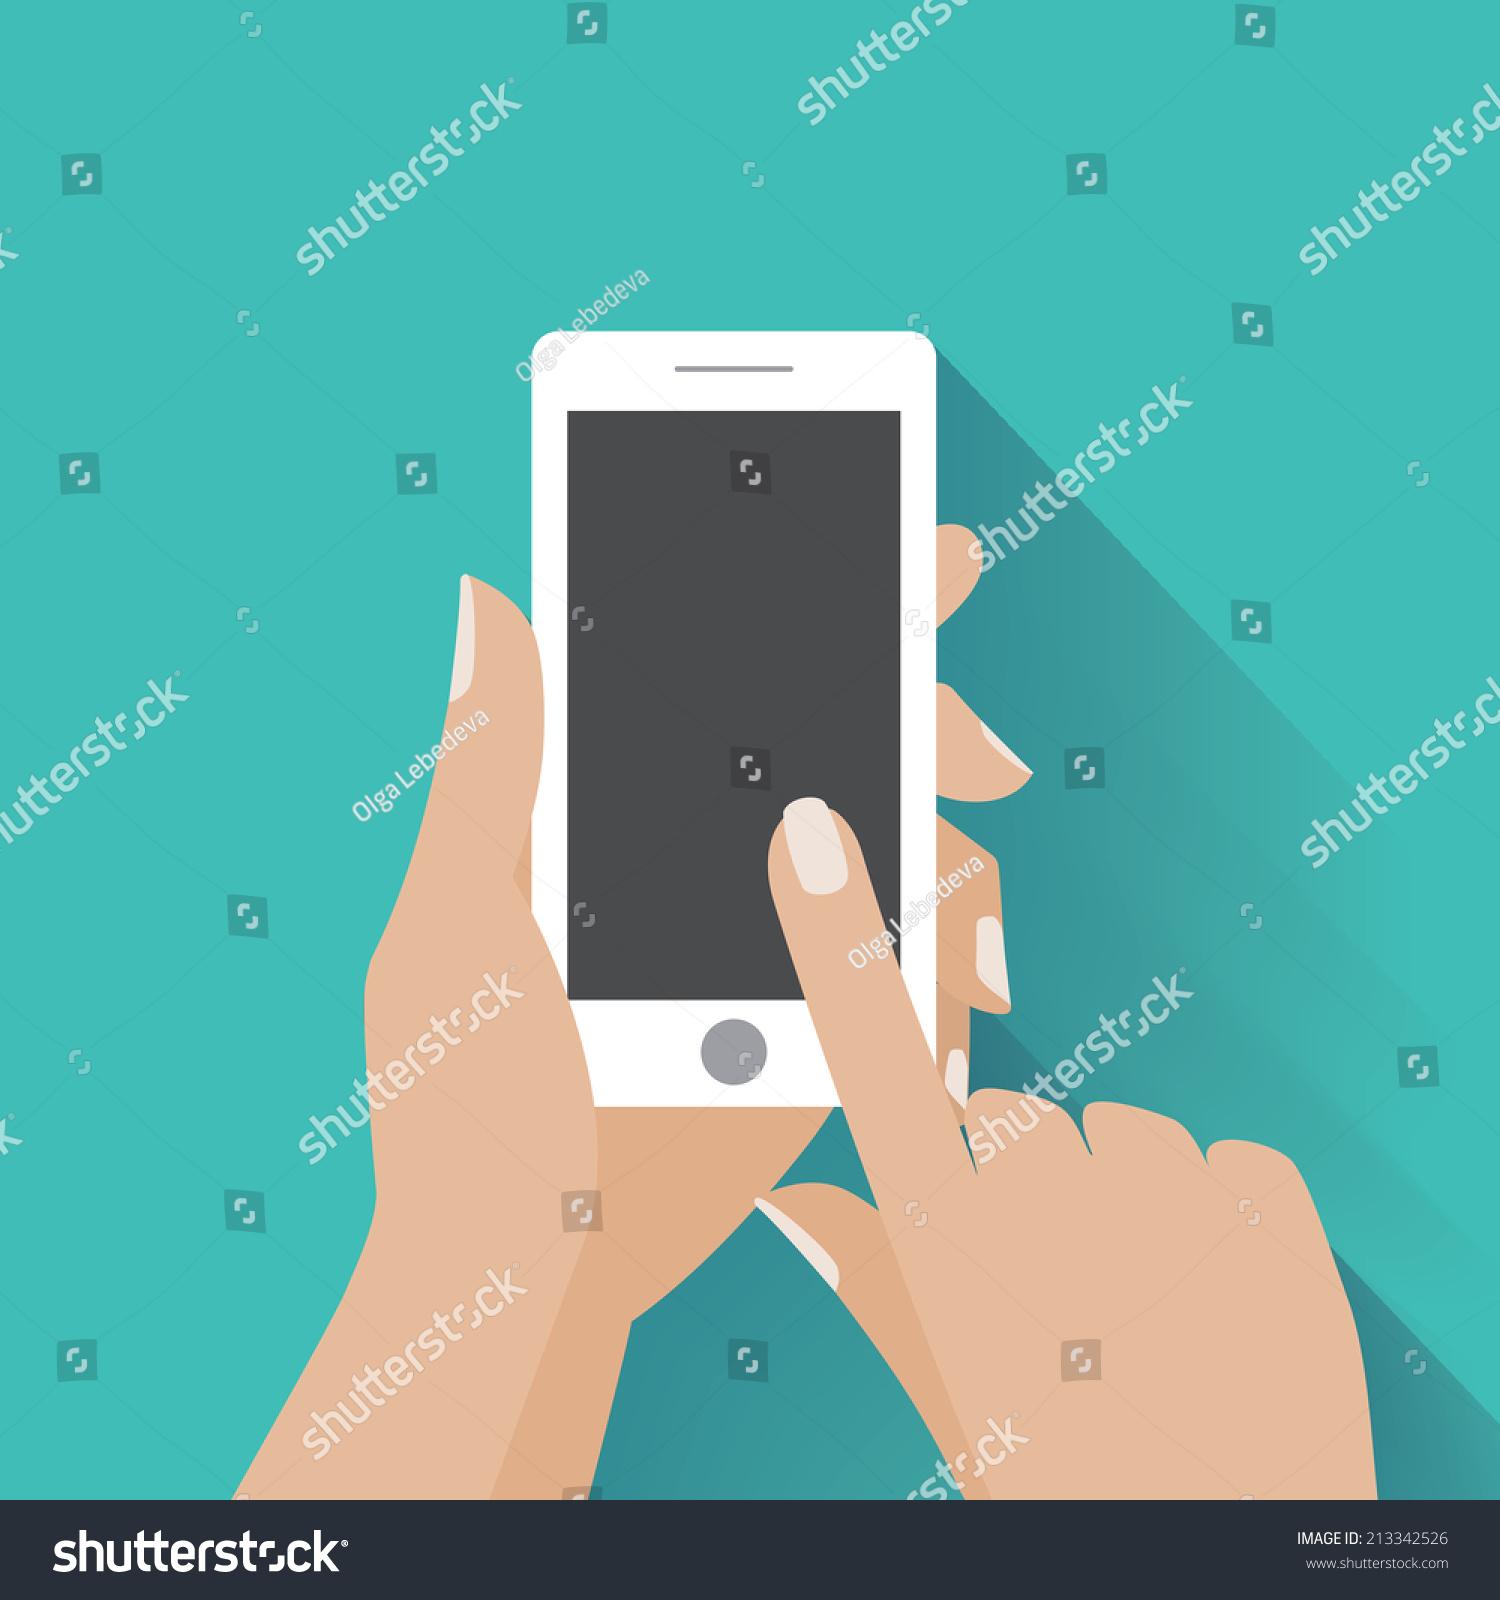 手钻白色的智能手机,动人的空白屏幕。使用移动智能手机,平面设计理念。每股收益10矢量图 - 背景/素材,科技 - 站酷海洛创意正版图片,视频,音乐素材交易平台 - Shutterstock中国独家合作伙伴 - 站酷旗下品牌